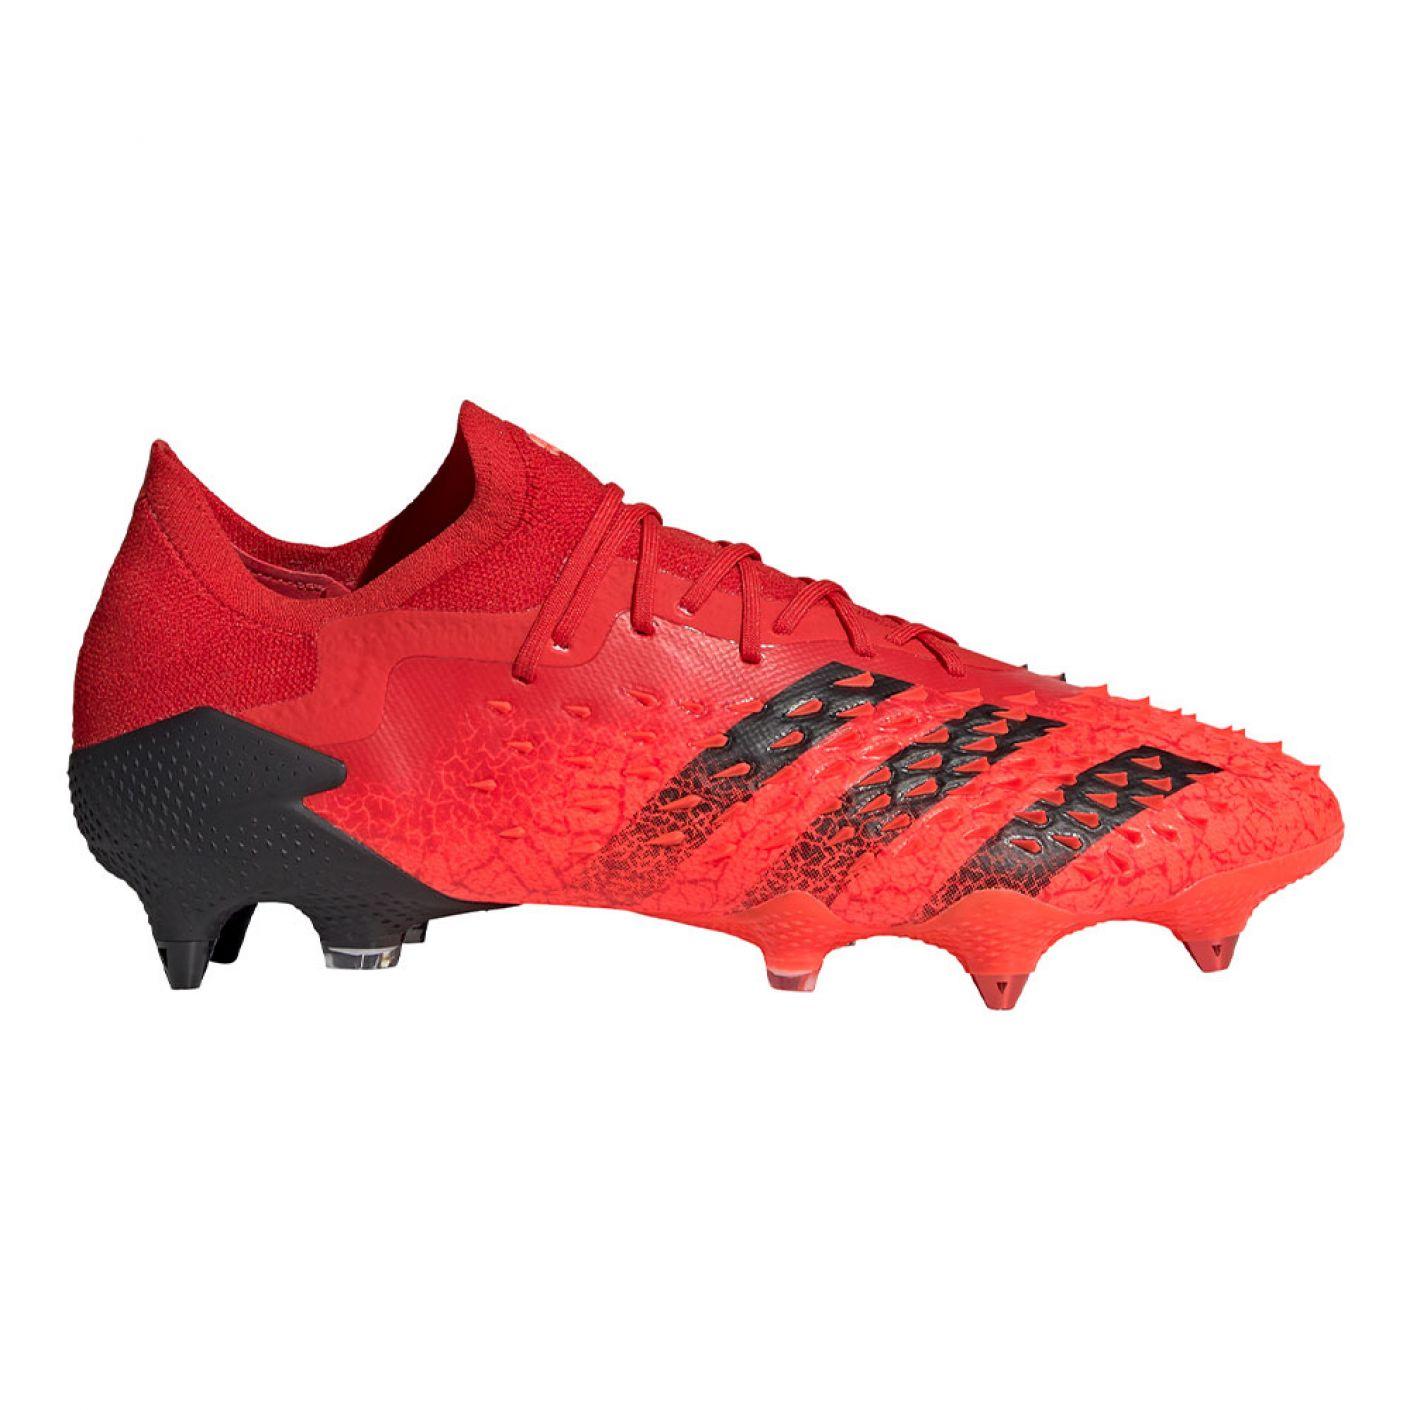 adidas Predator Freak.1 Low Ijzeren-Nop Voetbalschoenen (SG) Rood Zwart Rood